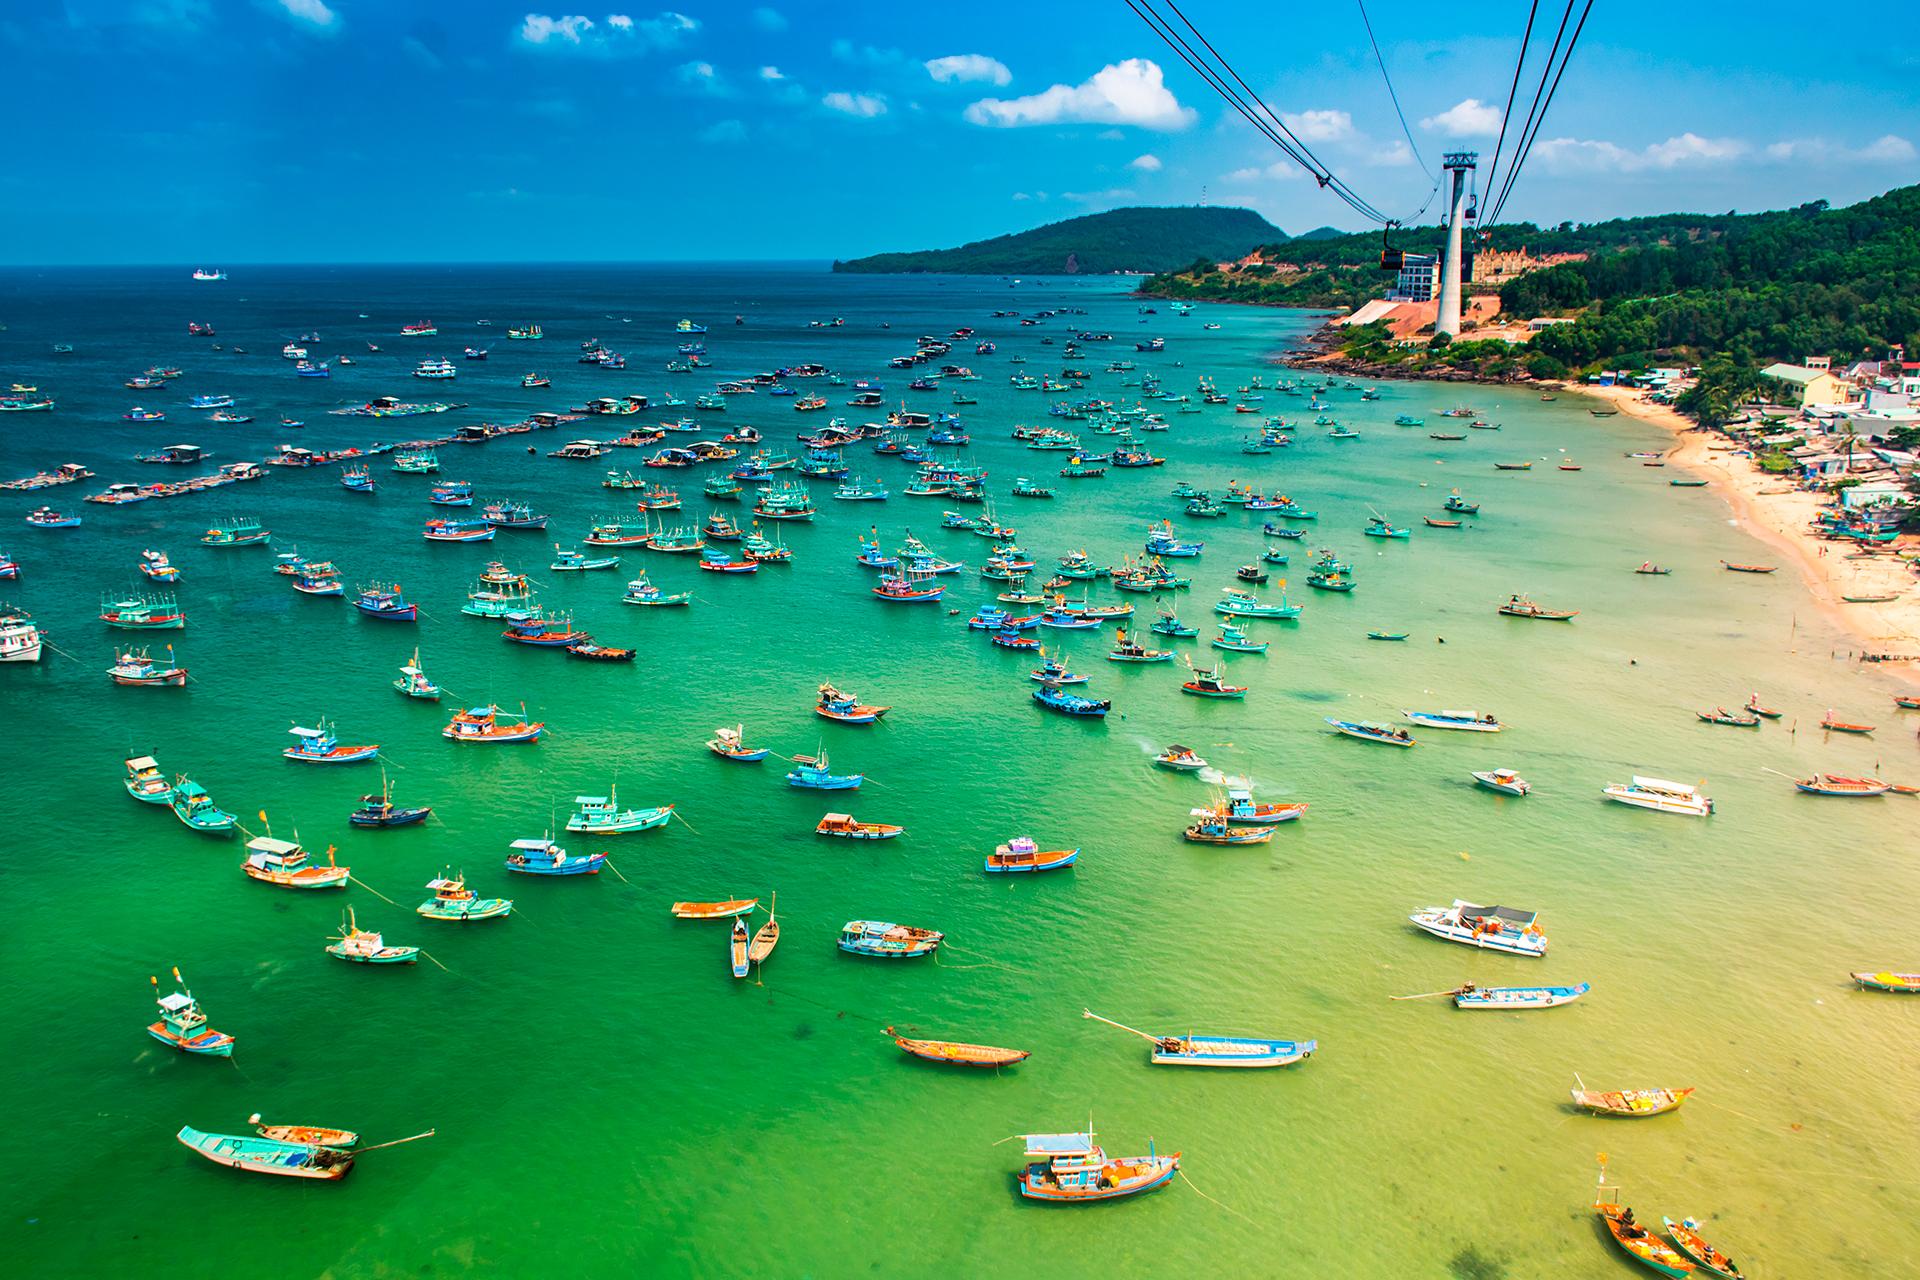 Rodeada de playas de arena blanca y con grandes extensiones aún envueltas en una densa jungla tropical, Phu Quoc se transformó rápidamente de un tranquilo remanso de la isla en una escapada de playa obligada para los expatriados occidentales y los turistas que buscan el sol